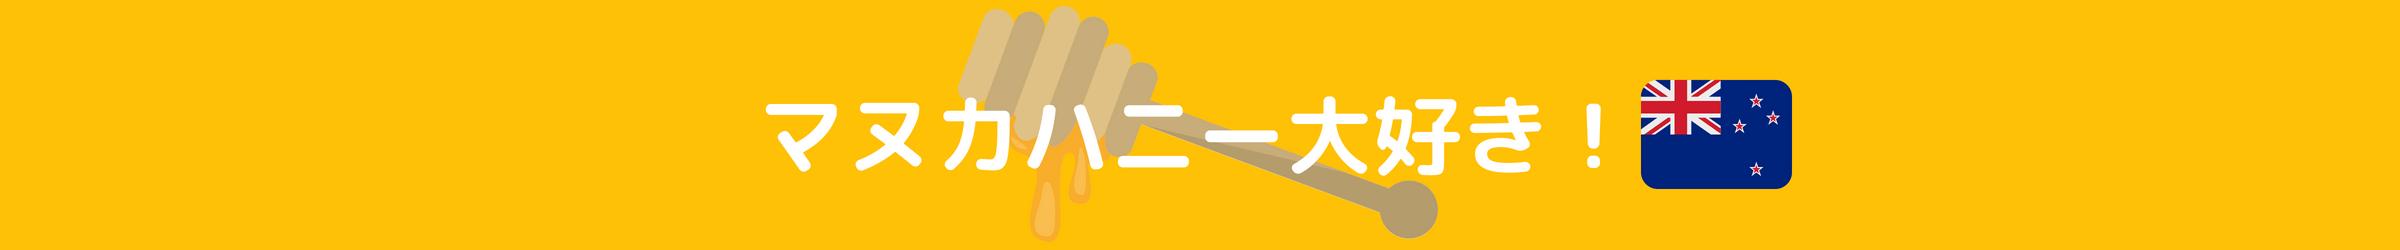 マヌカハニー大好き!